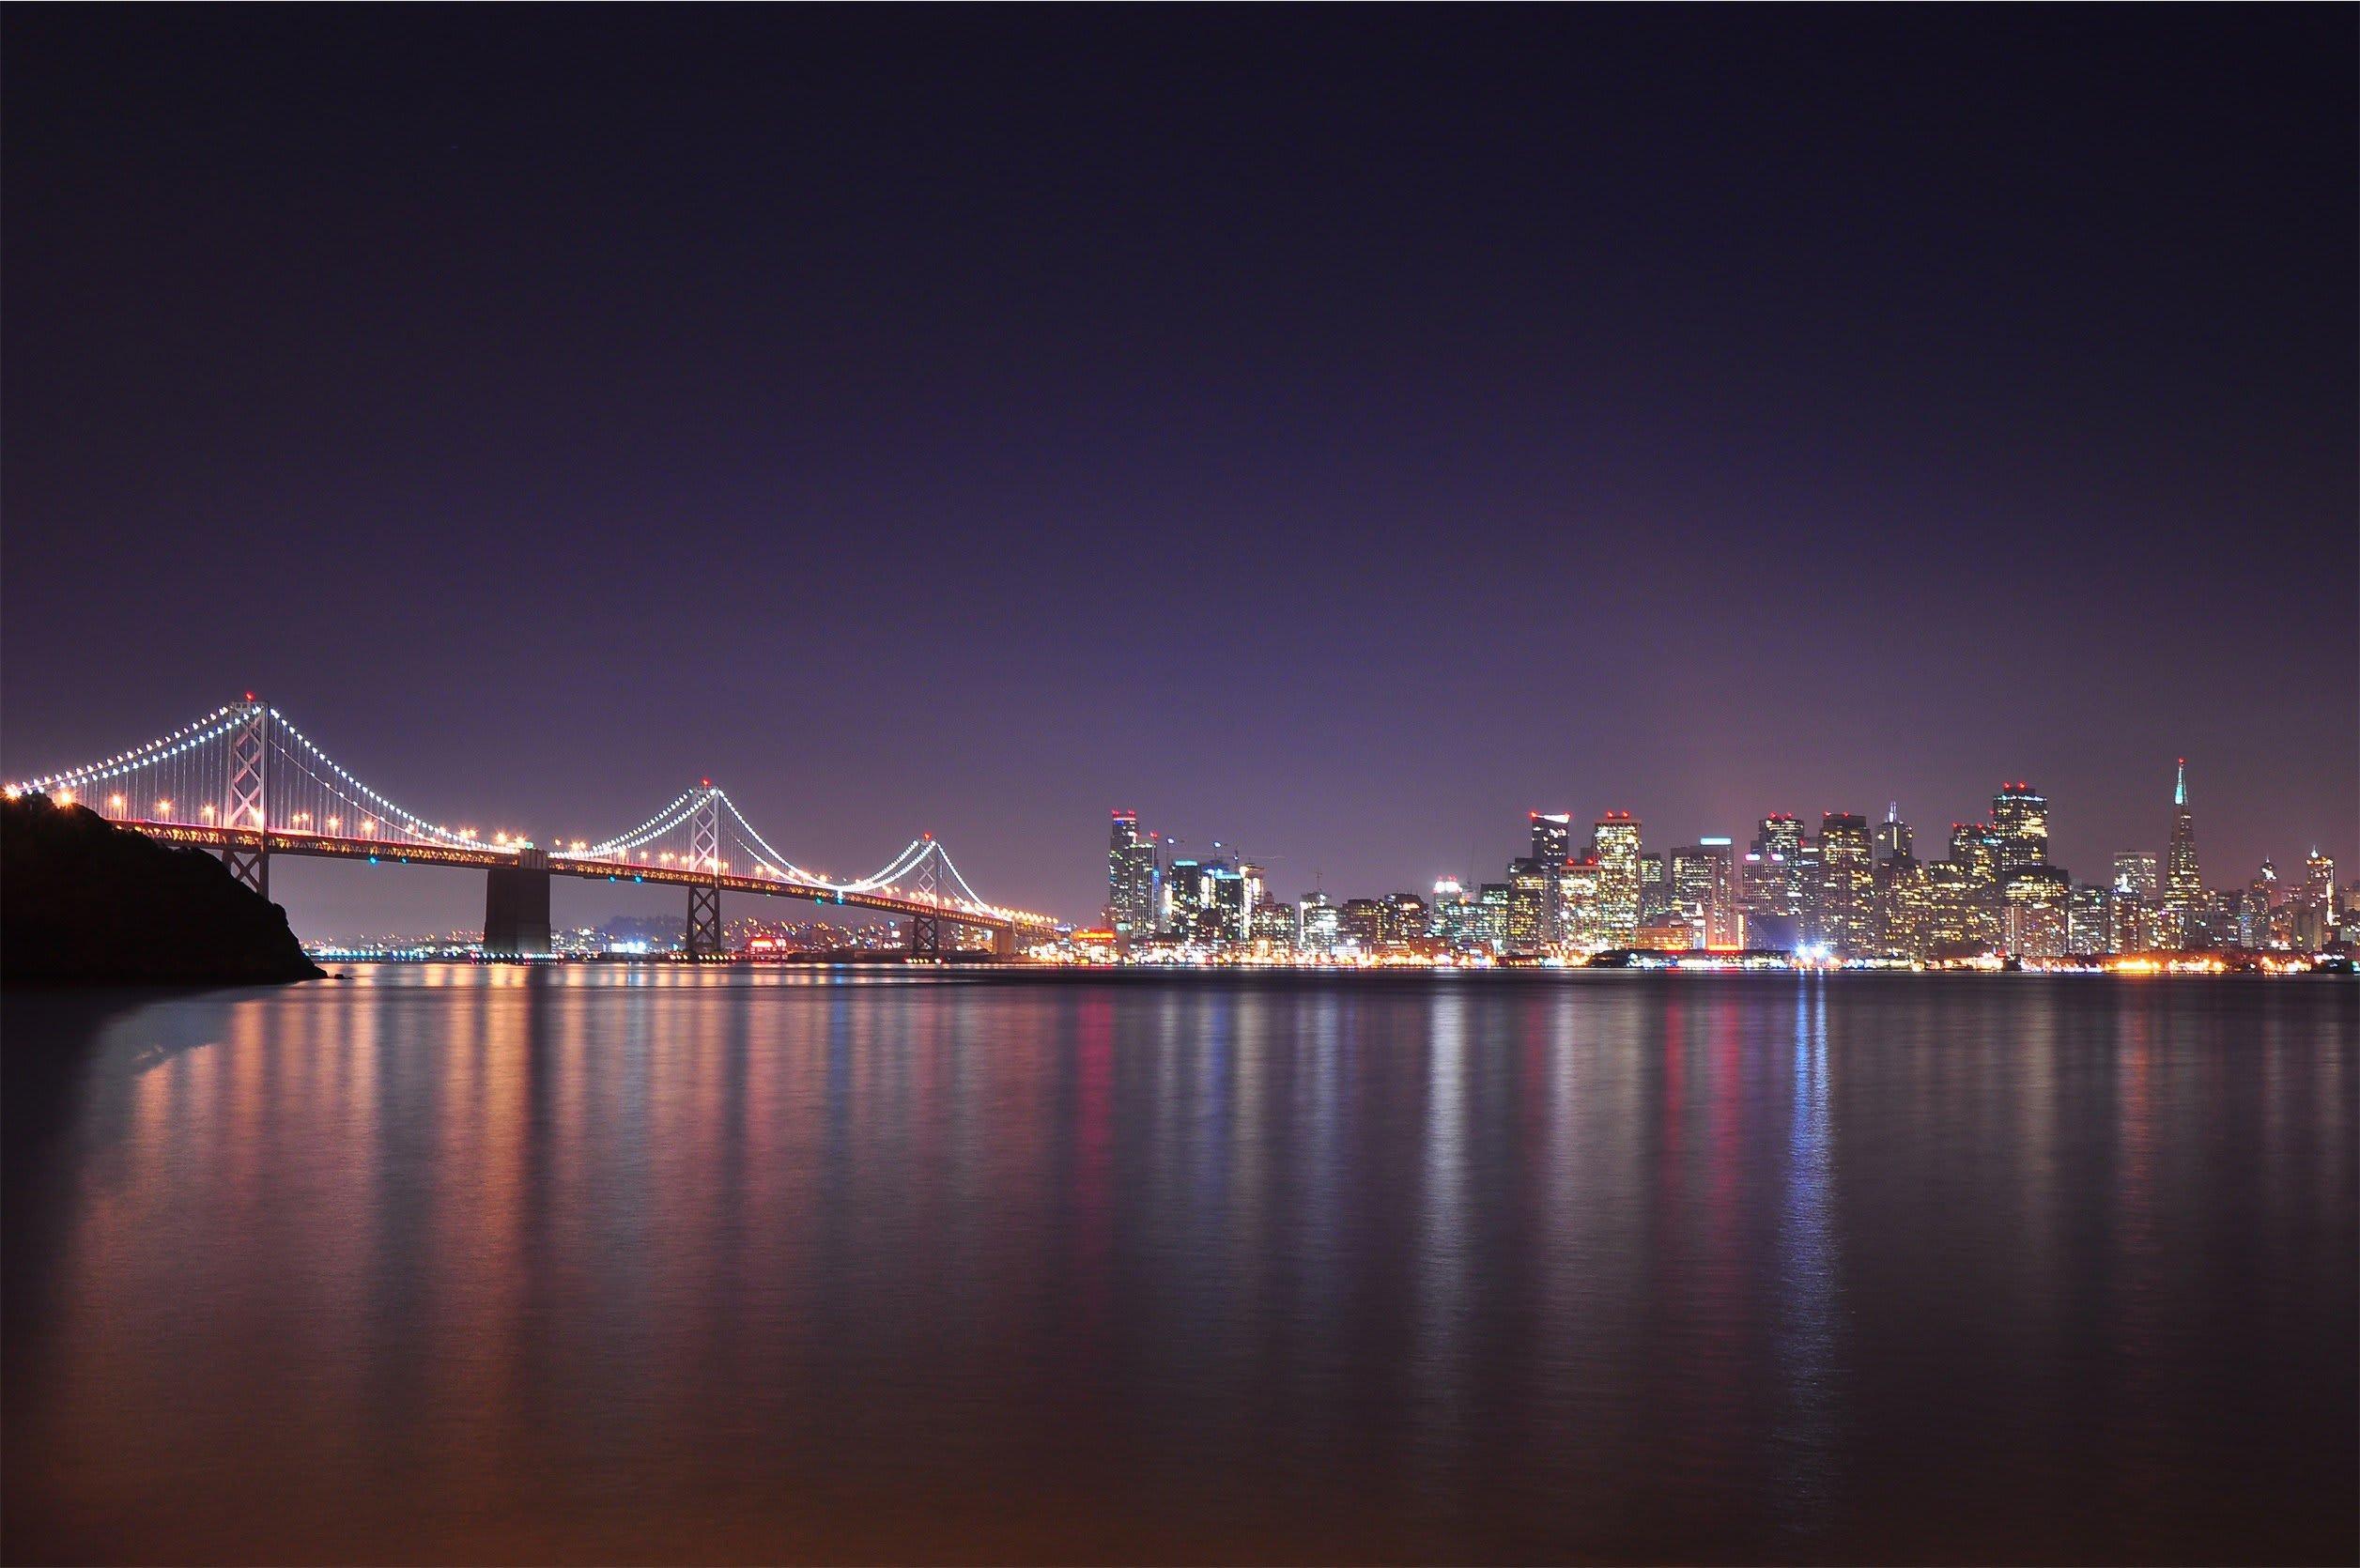 San Francisco'da ev ve oda kiralanabilecek en iyi bölgeler